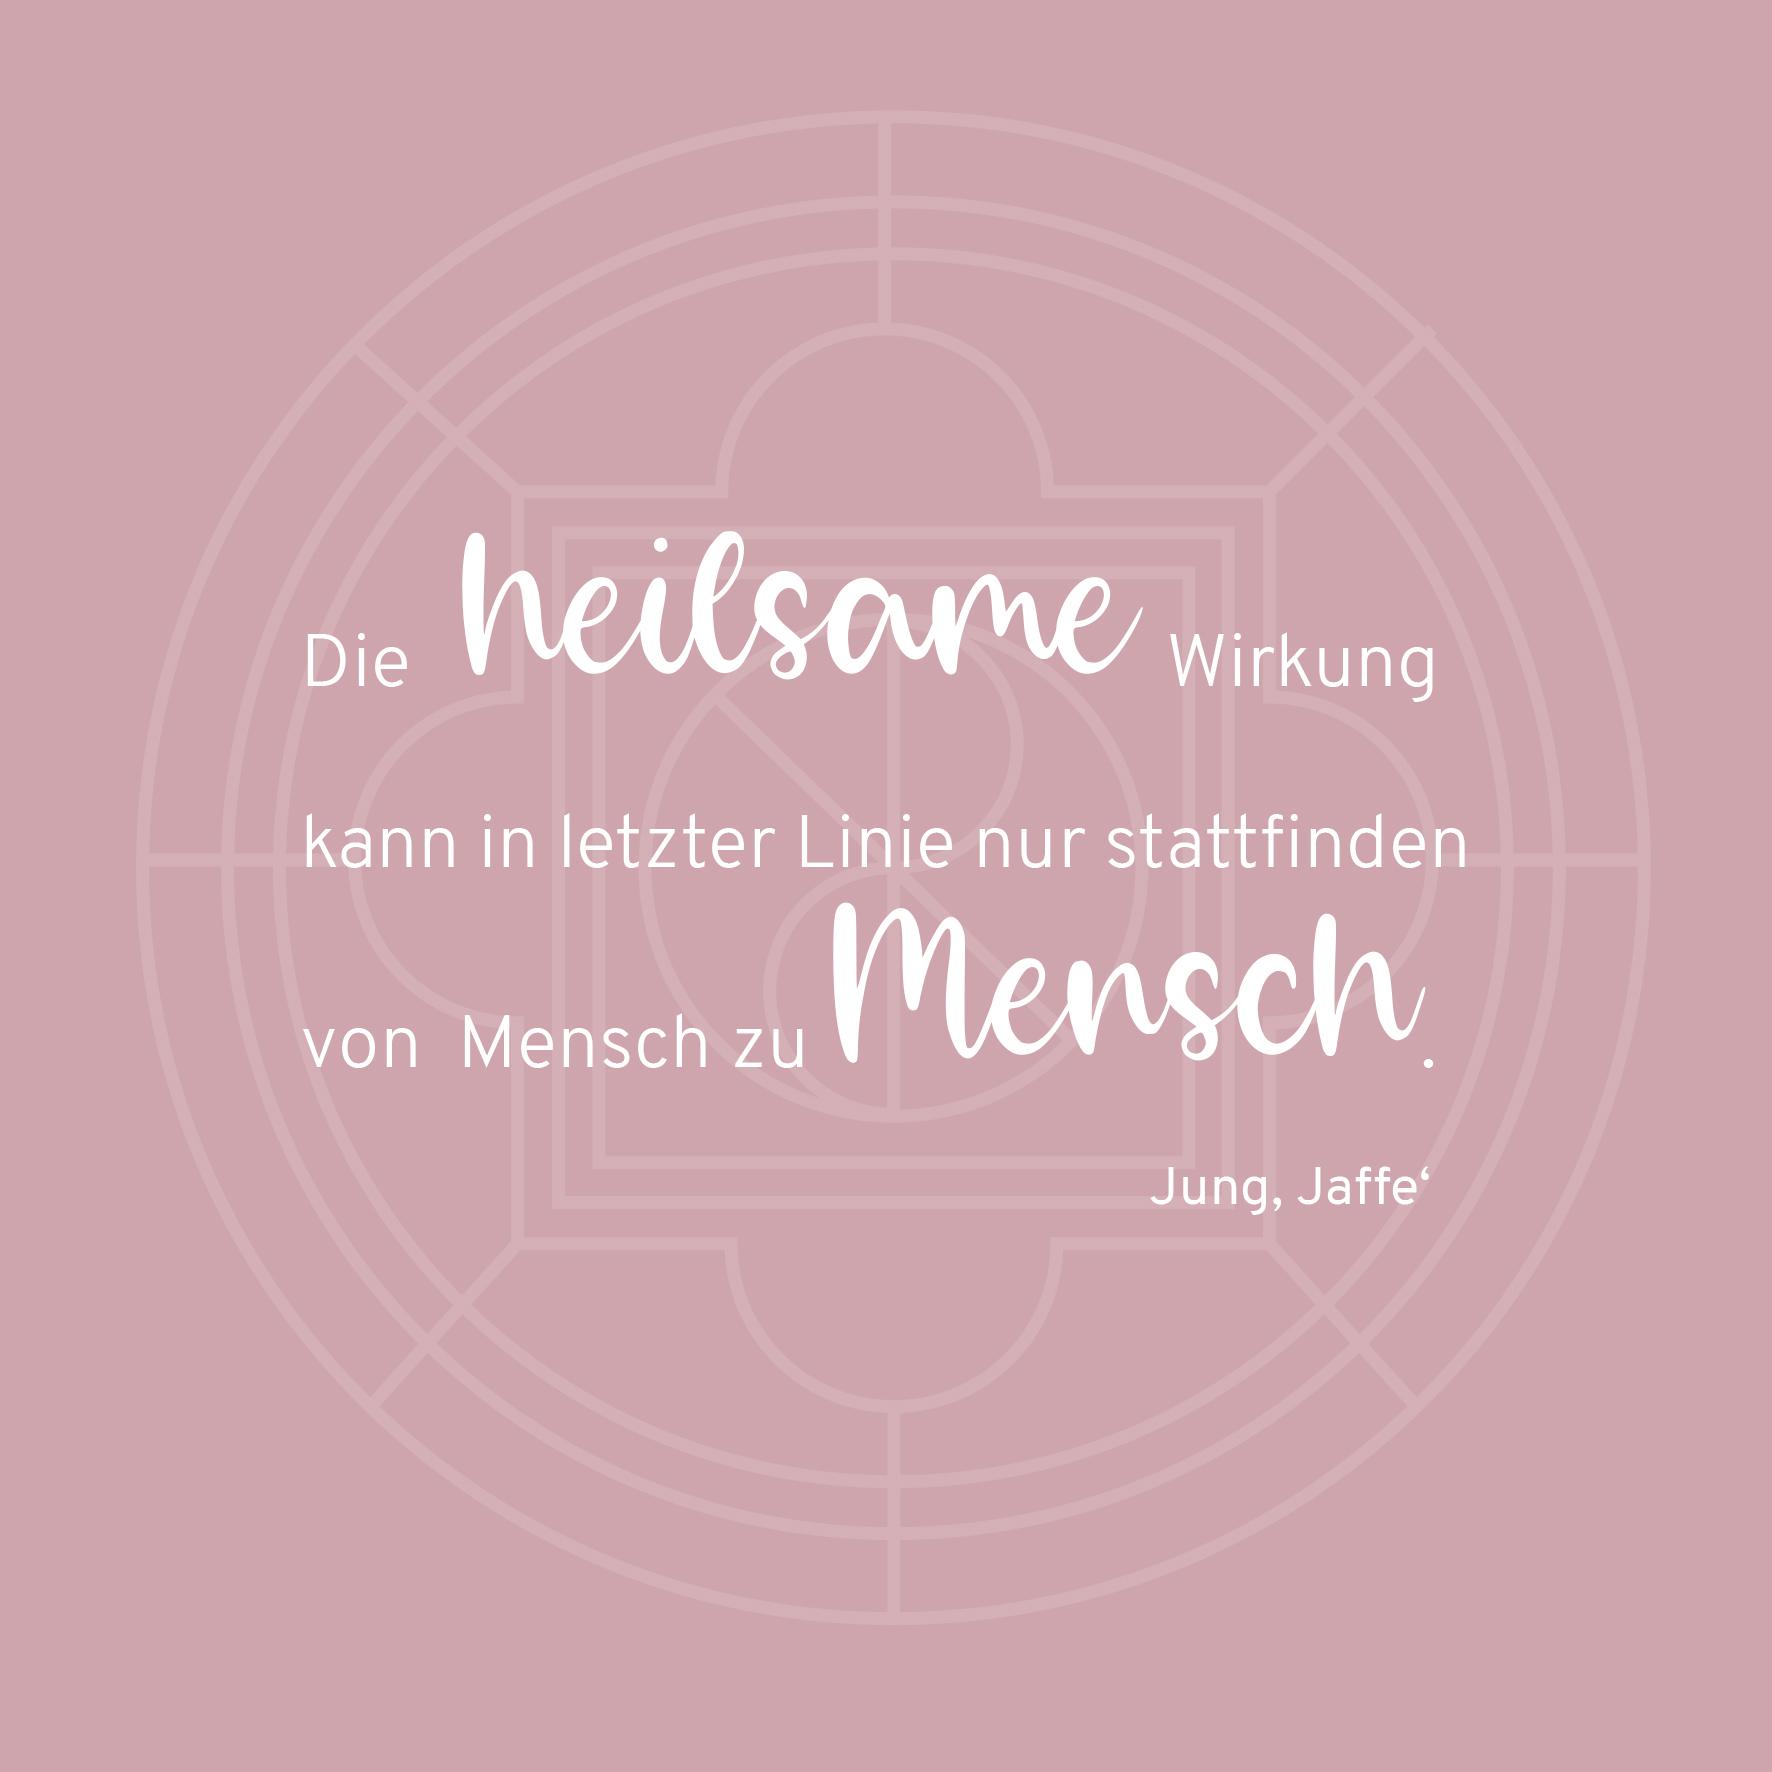 spruchbild_renner (1)